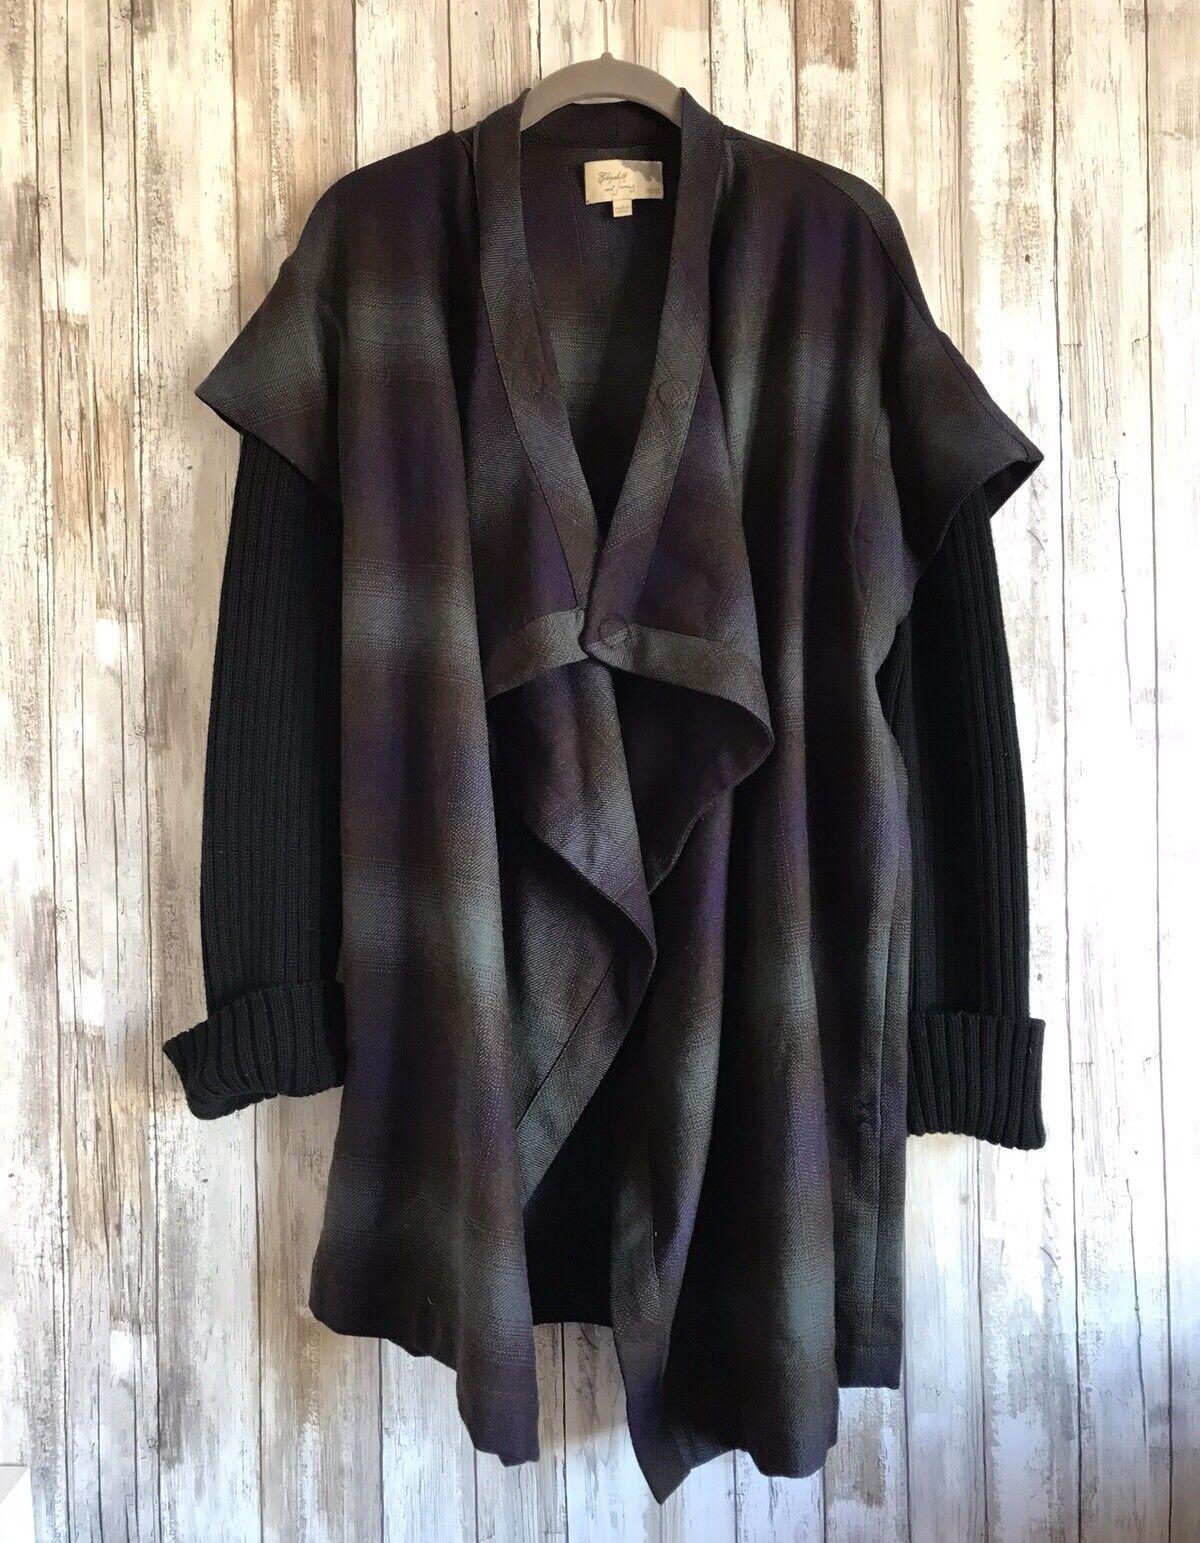 695 Elizabeth James Negro  Púrpura verde Azulado a Cuadros de Lana Abrigo Cortina Abrigo XS S  te hará satisfecho